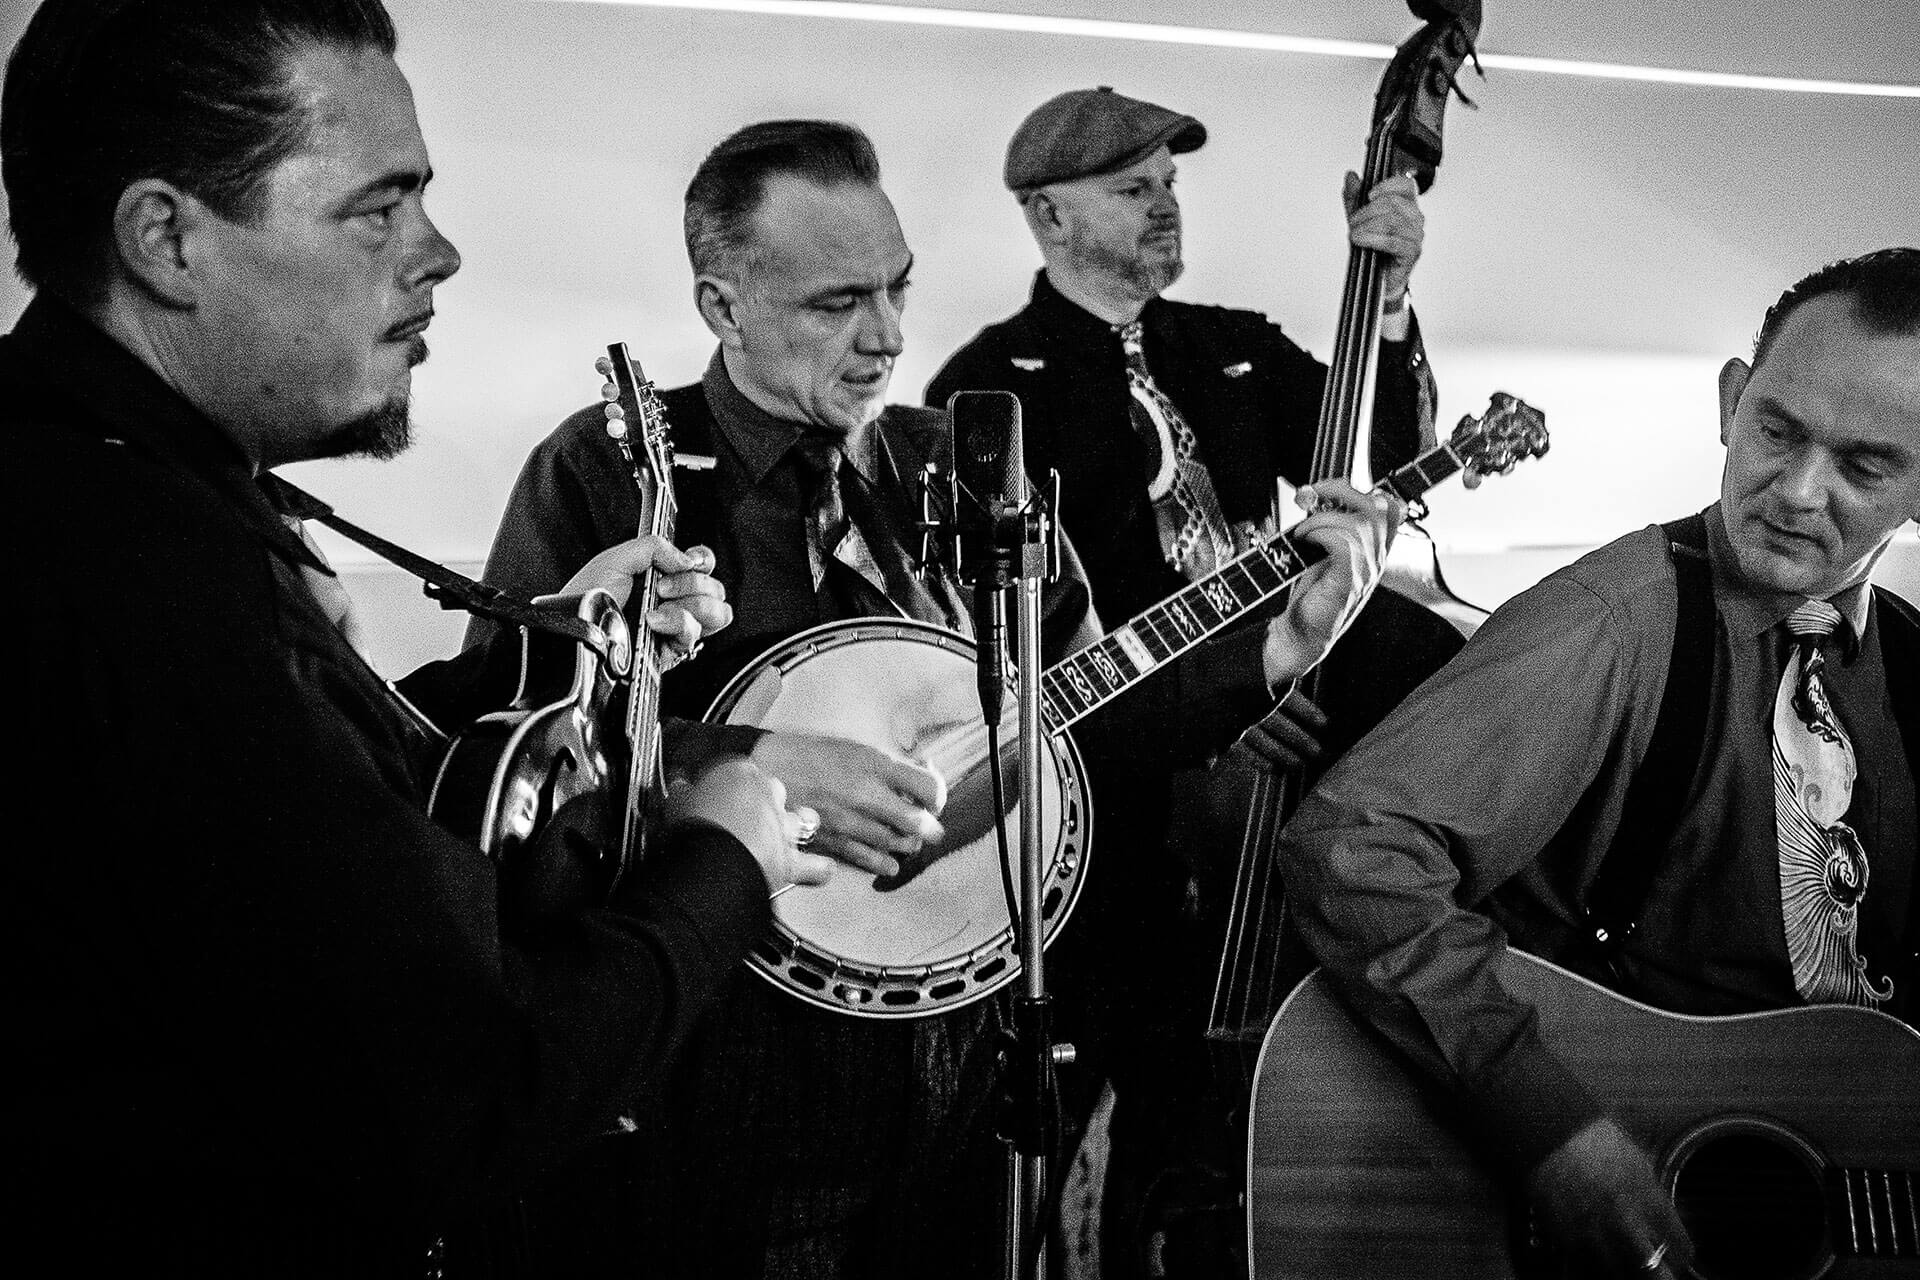 """Zum Auftakt des 18. Bühler Bluegrass Festival betritt die niederländische Band """"Blue Grass Boogiemen"""" die Bühne. Foto: Jelle Mollema"""